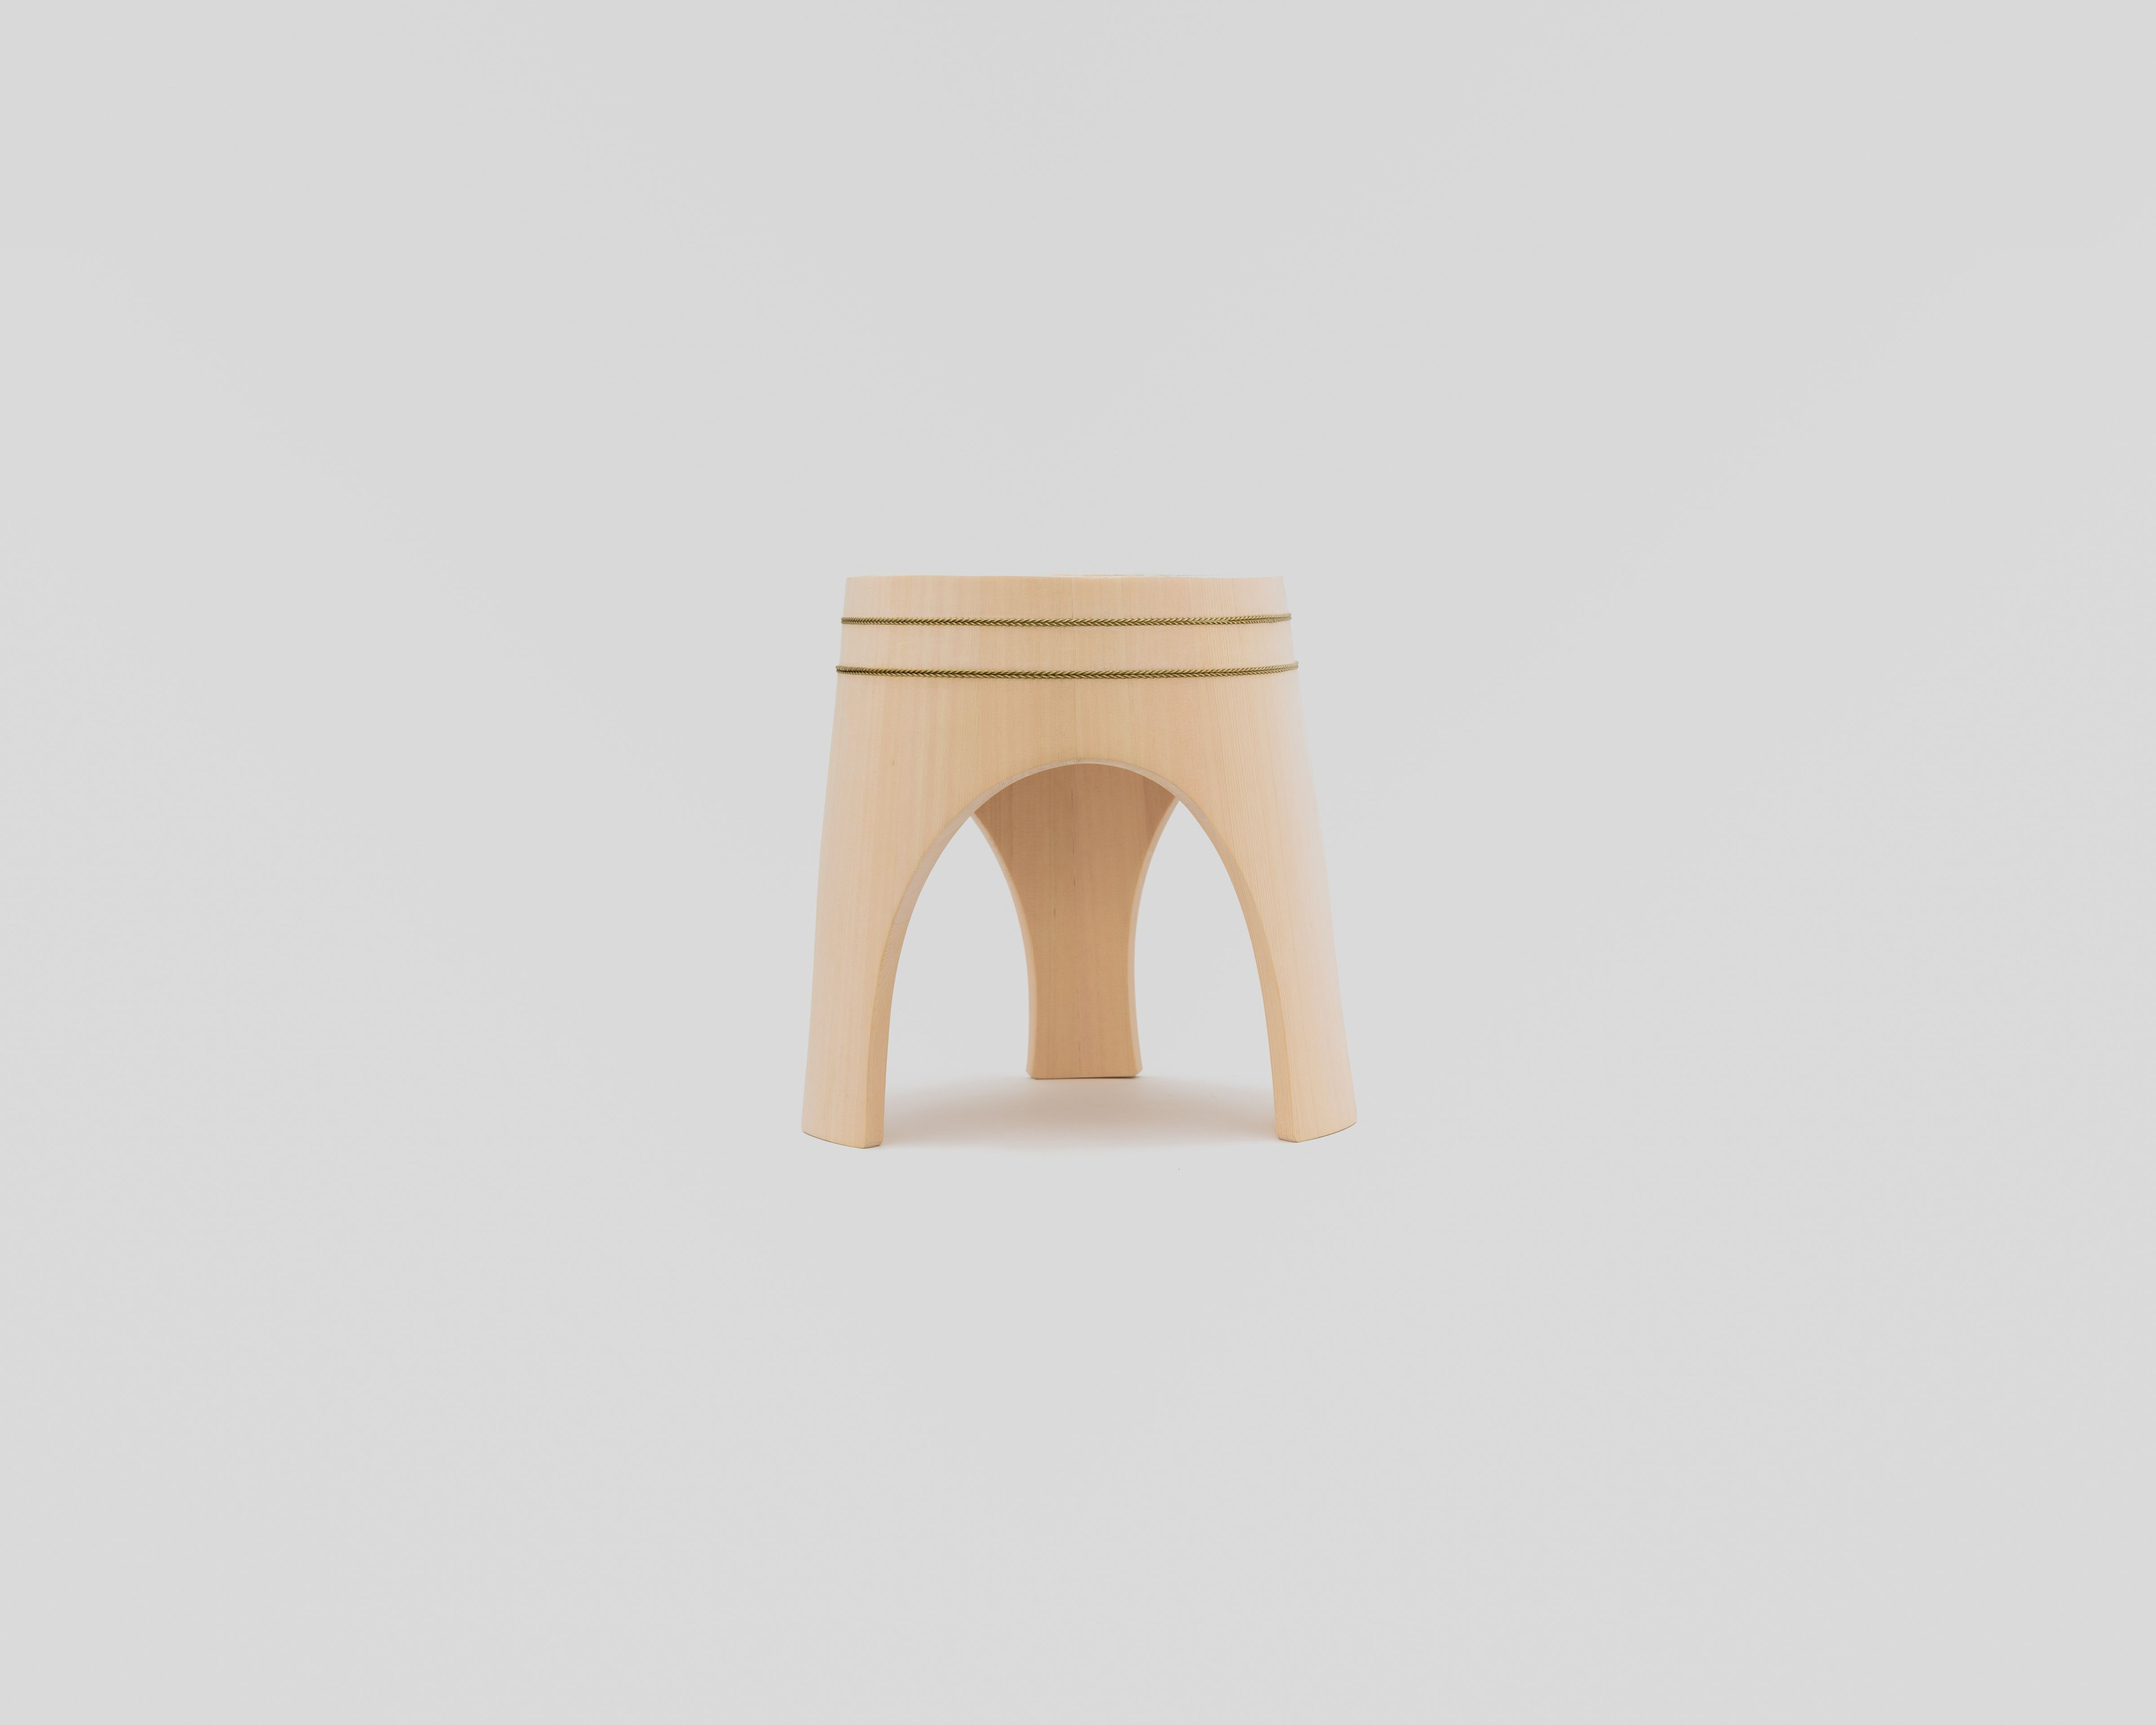 木曽の檜でつくったスツール03